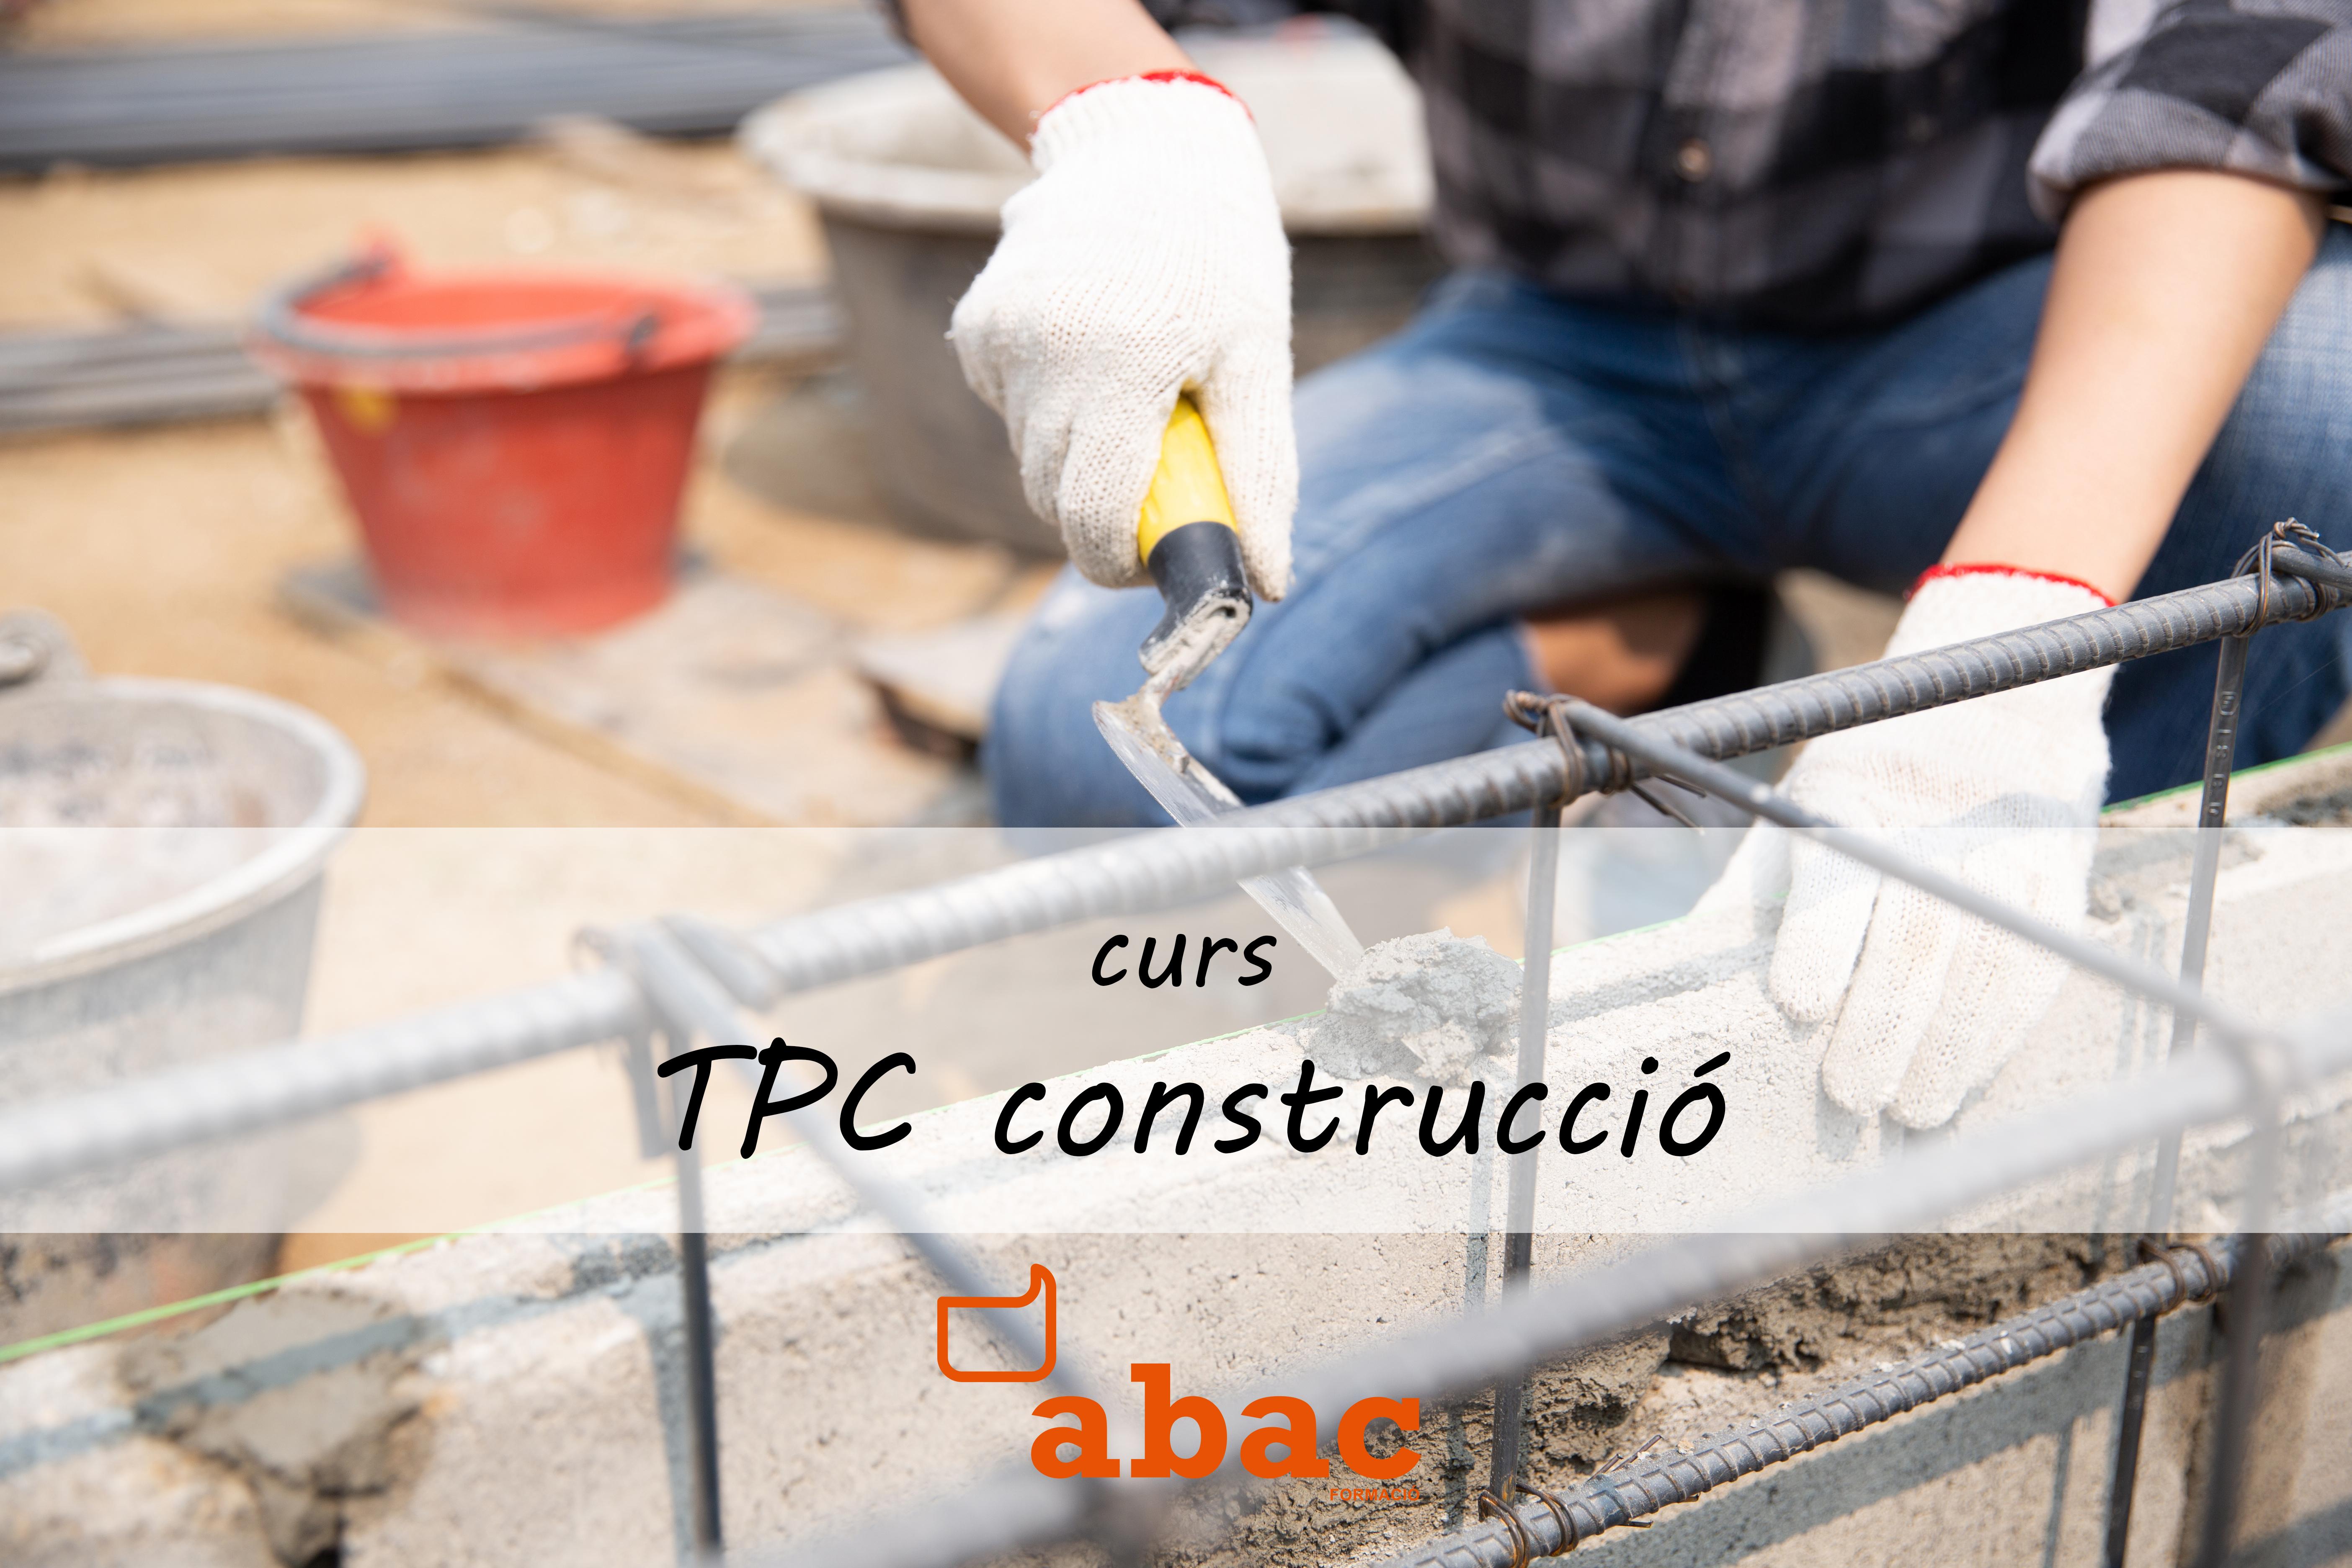 TPC curso de 20 horas de la construcción